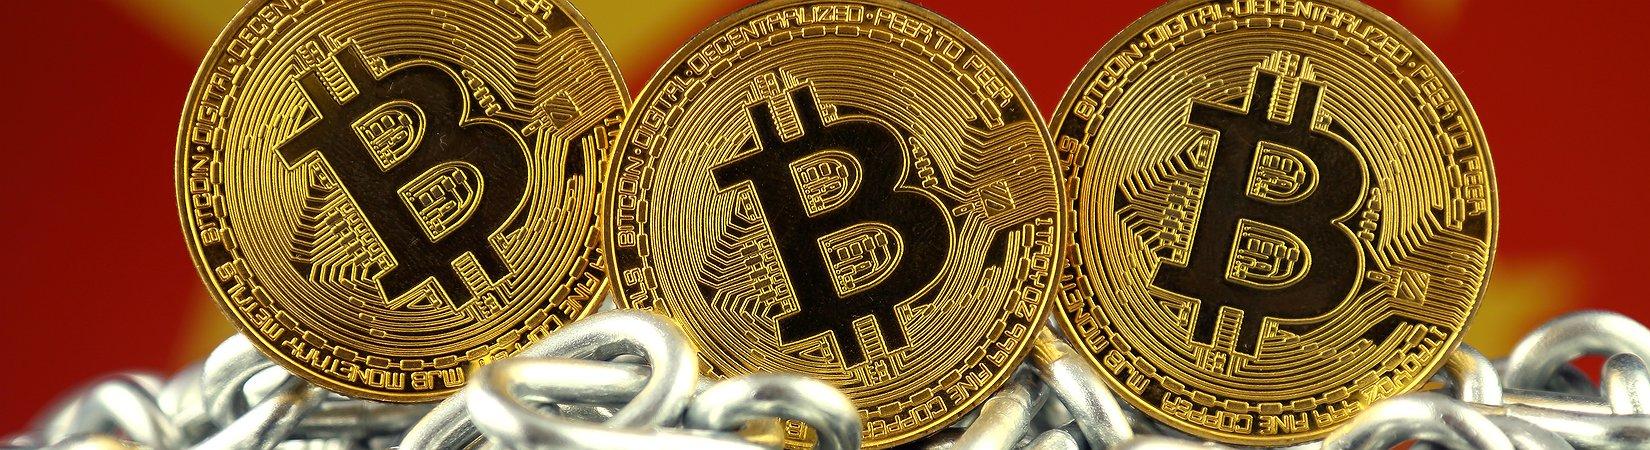 Криптовалютный рынок падает на фоне новостей из Китая